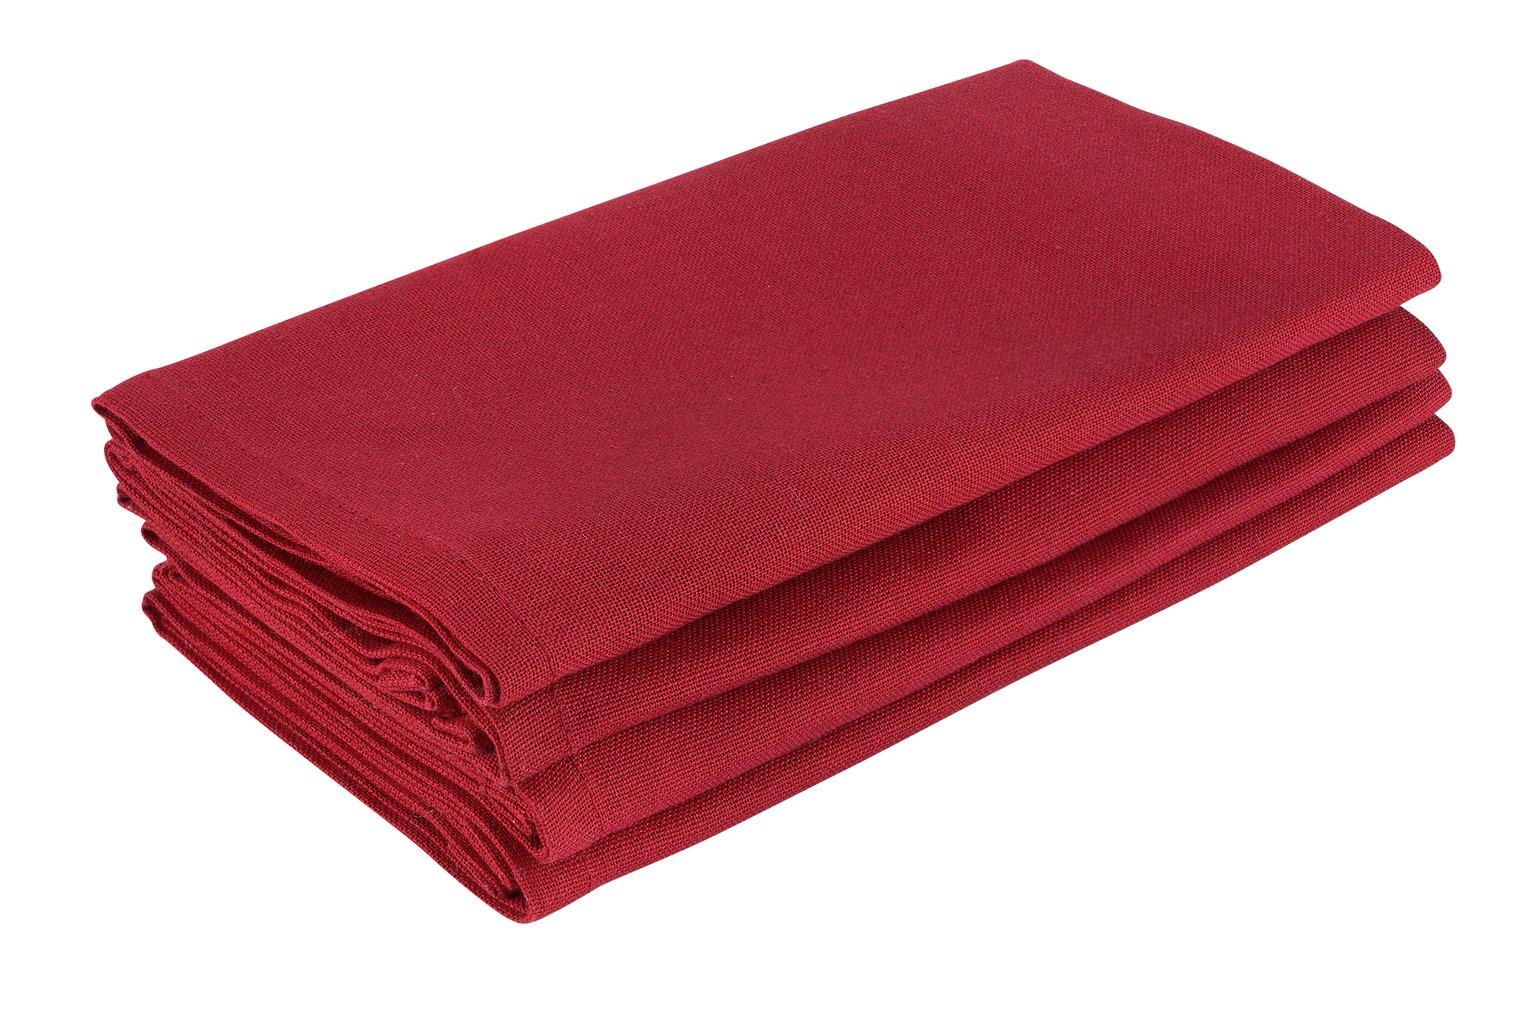 Argos Home Berry Christmas Red Napkins - 4 Pack